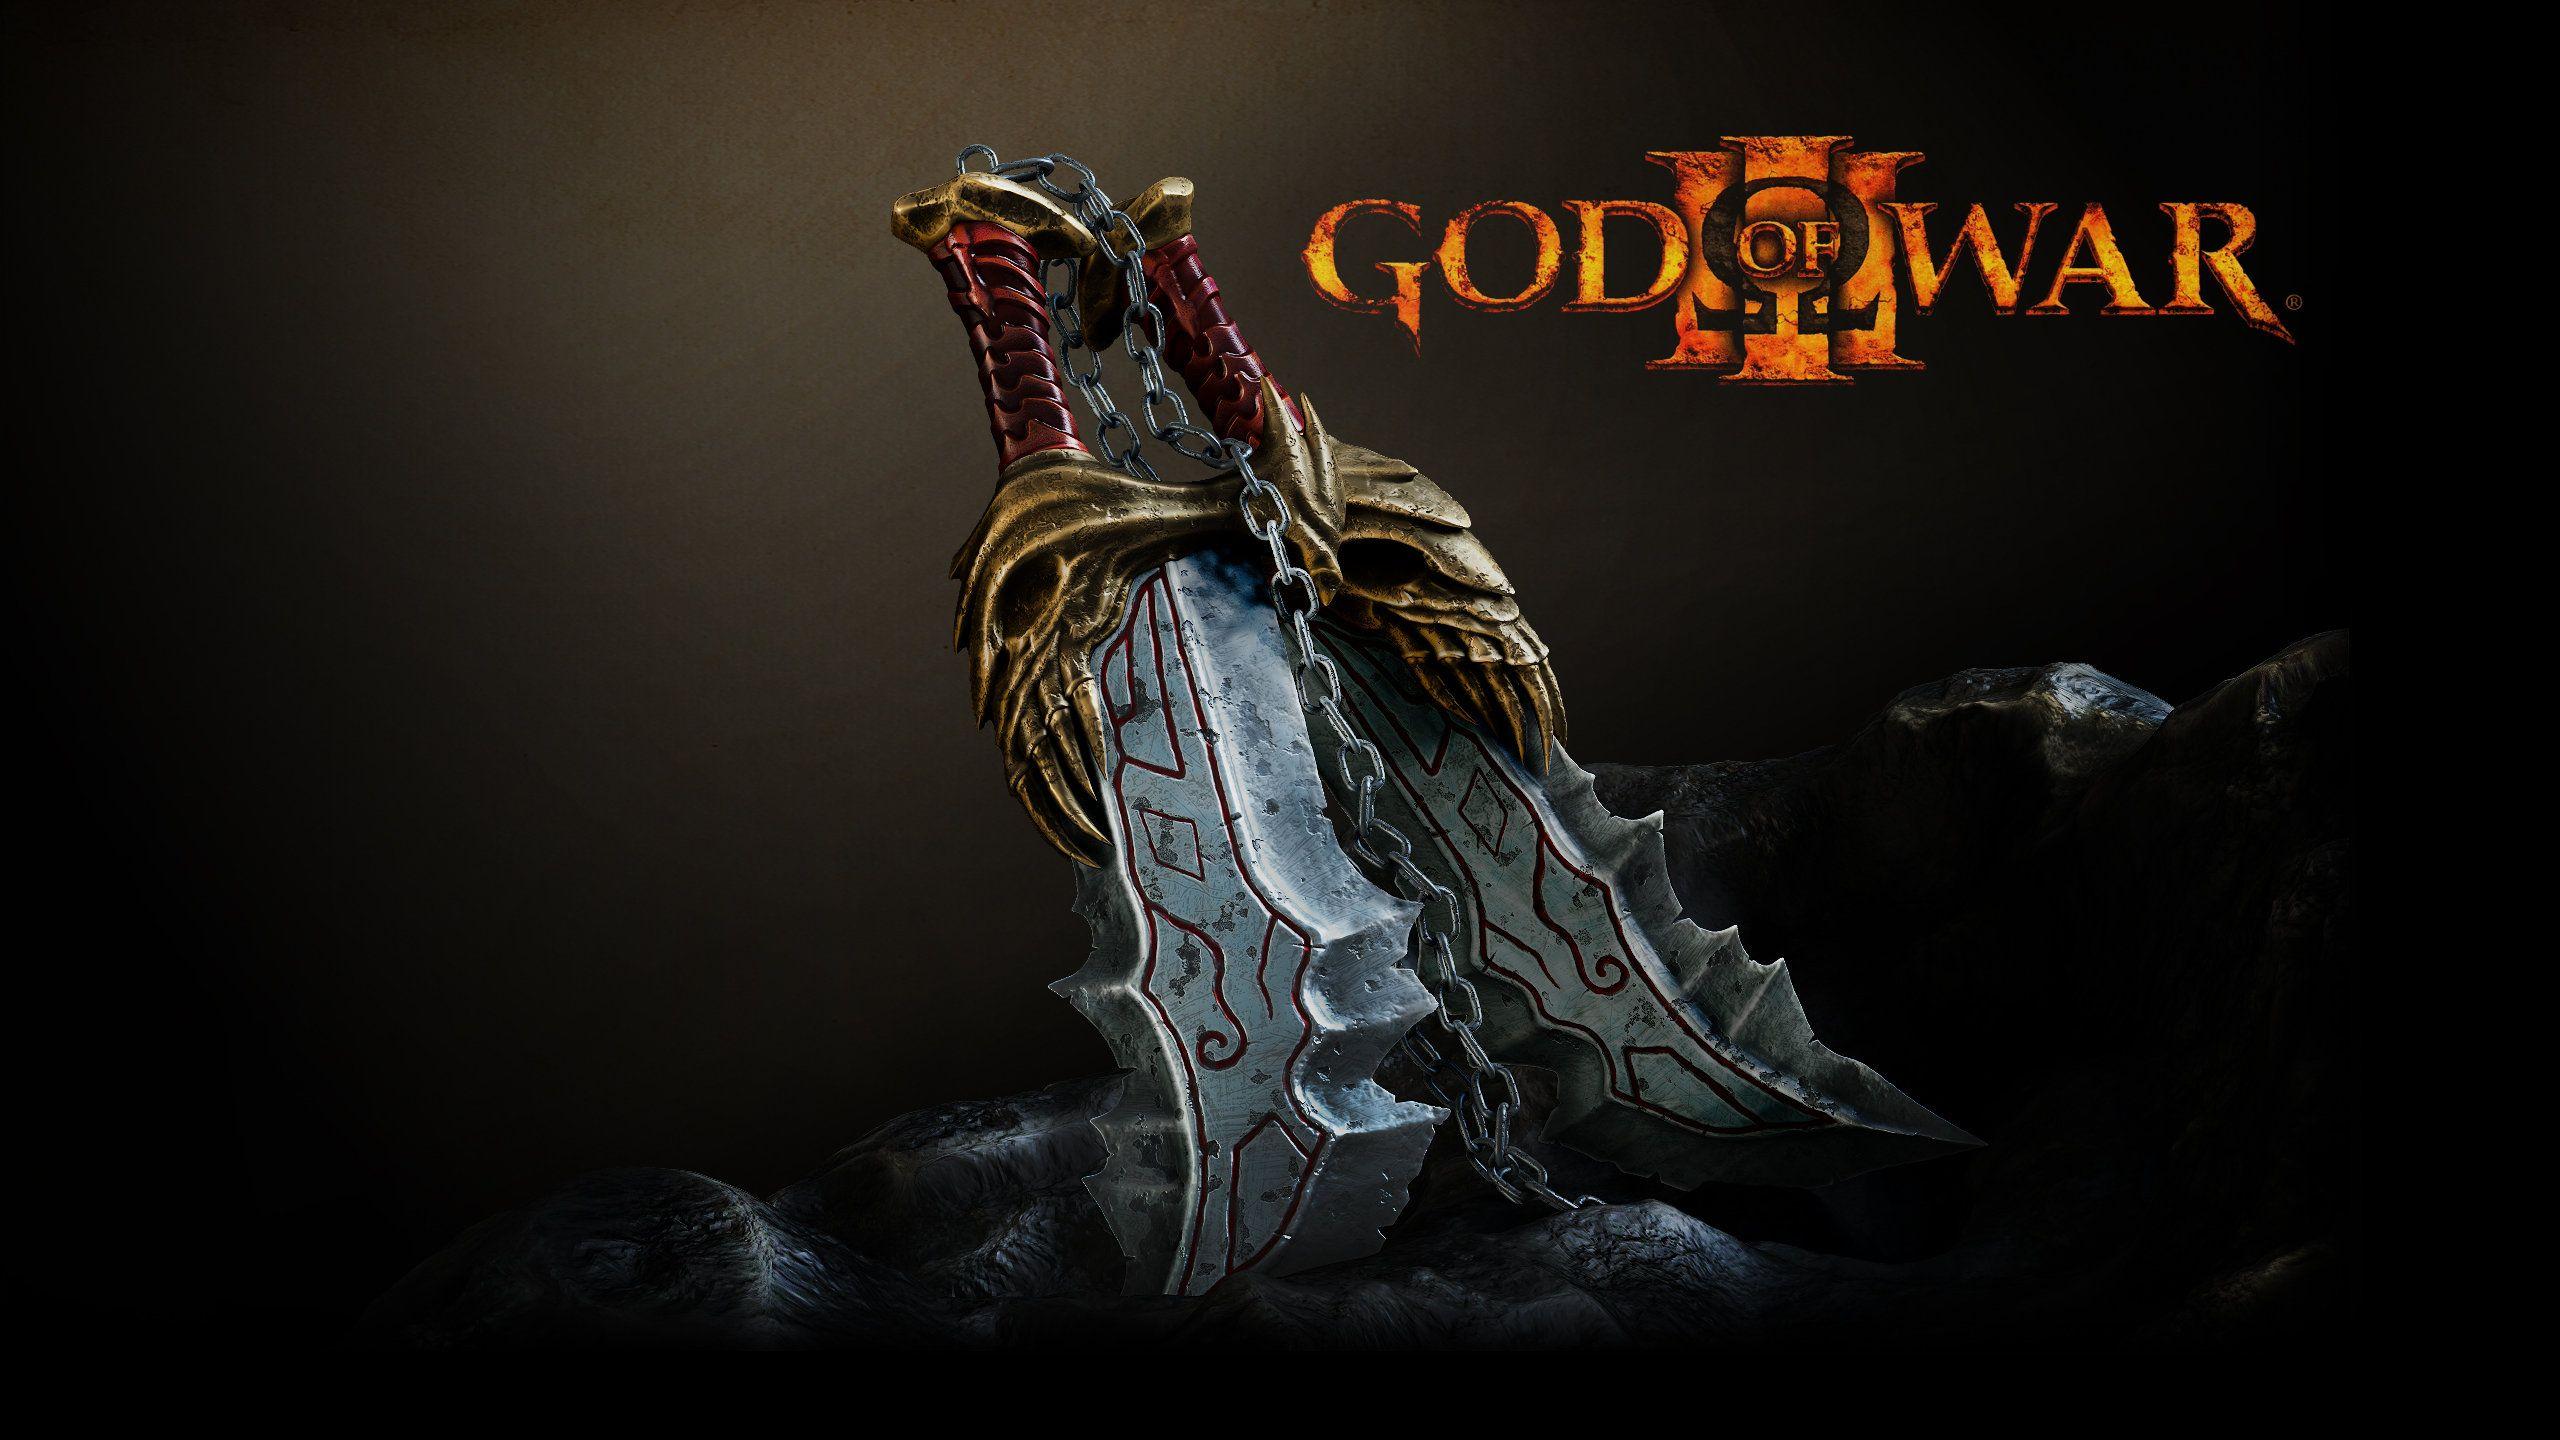 Боги войны картинки оружие — pic 2